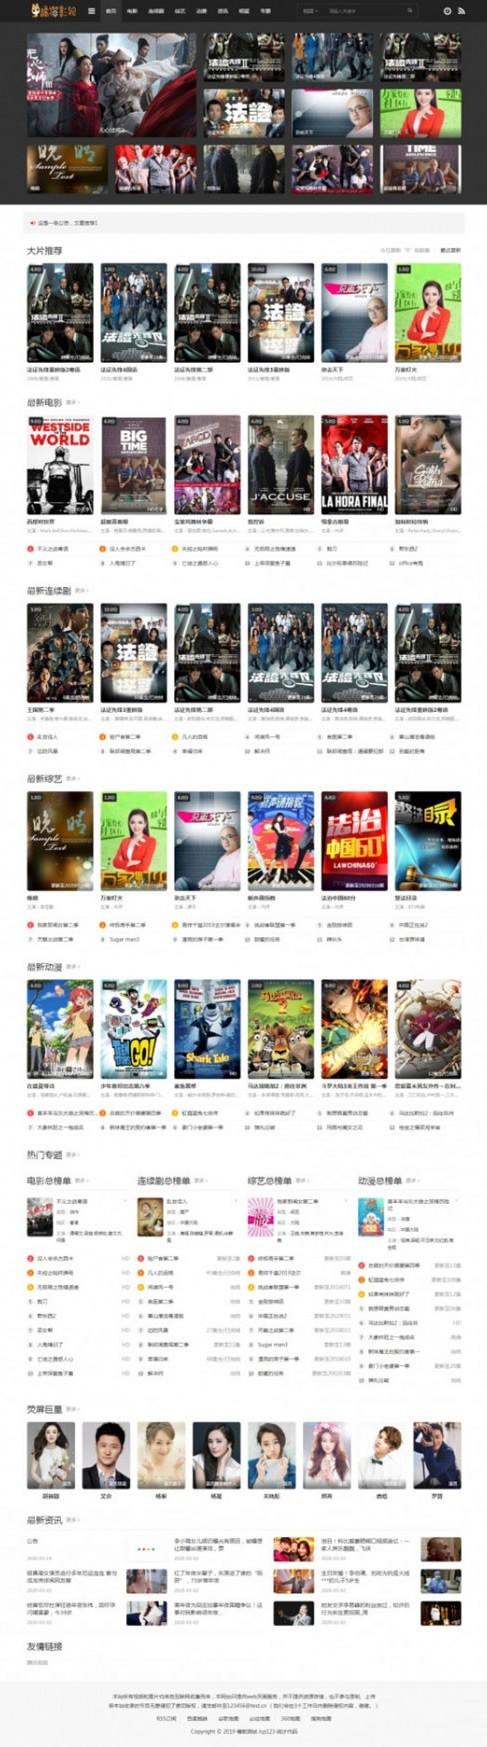 苹果cmsV10灰色精致电影影视网站模板(带安装说明和使用说明)